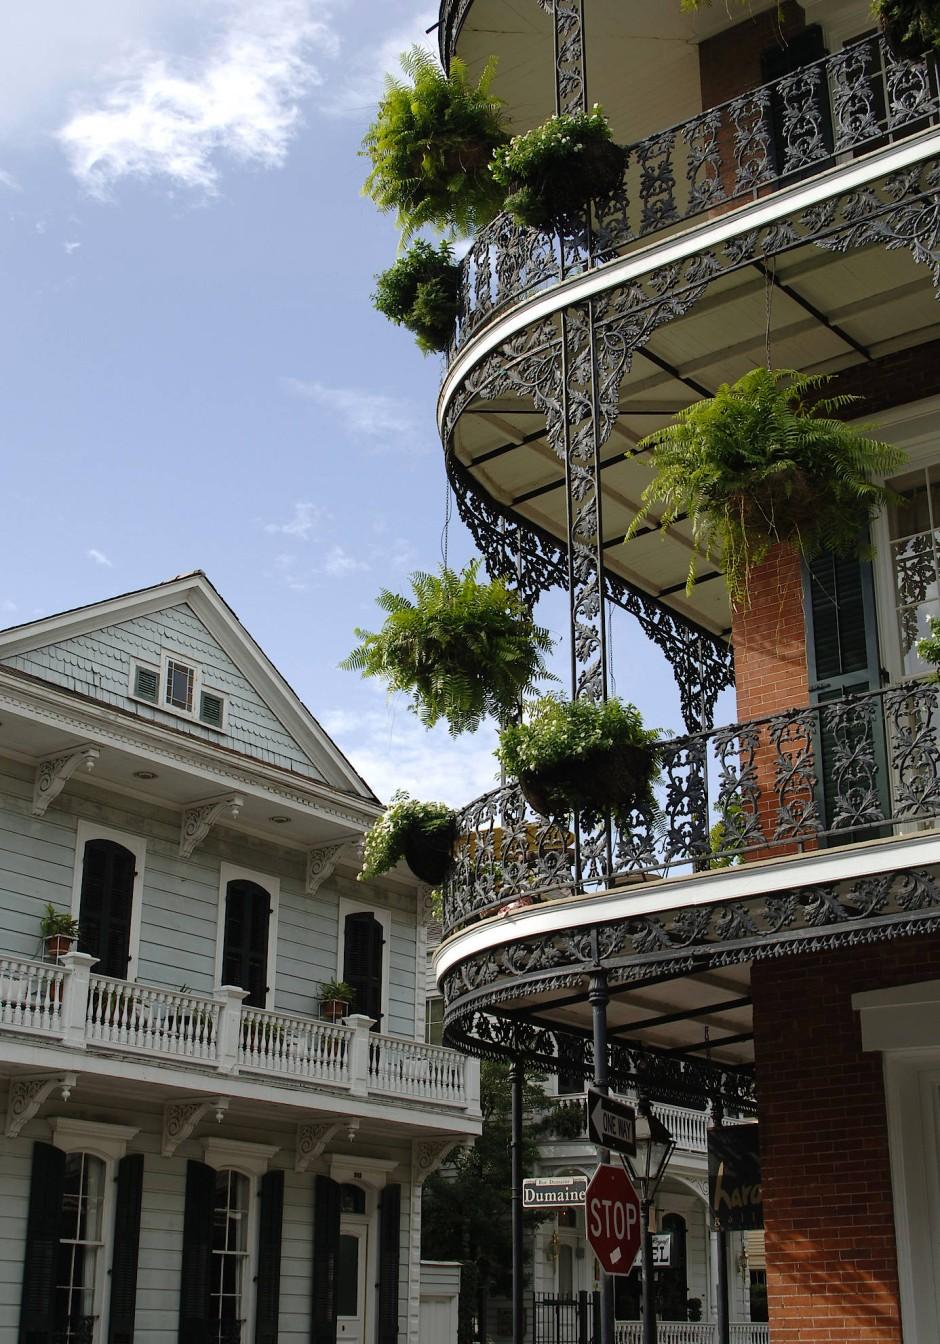 Die Seele von New Orleans, das French Quarter, verweigert sich seit dreihundert Jahren jedem Fortschritt.